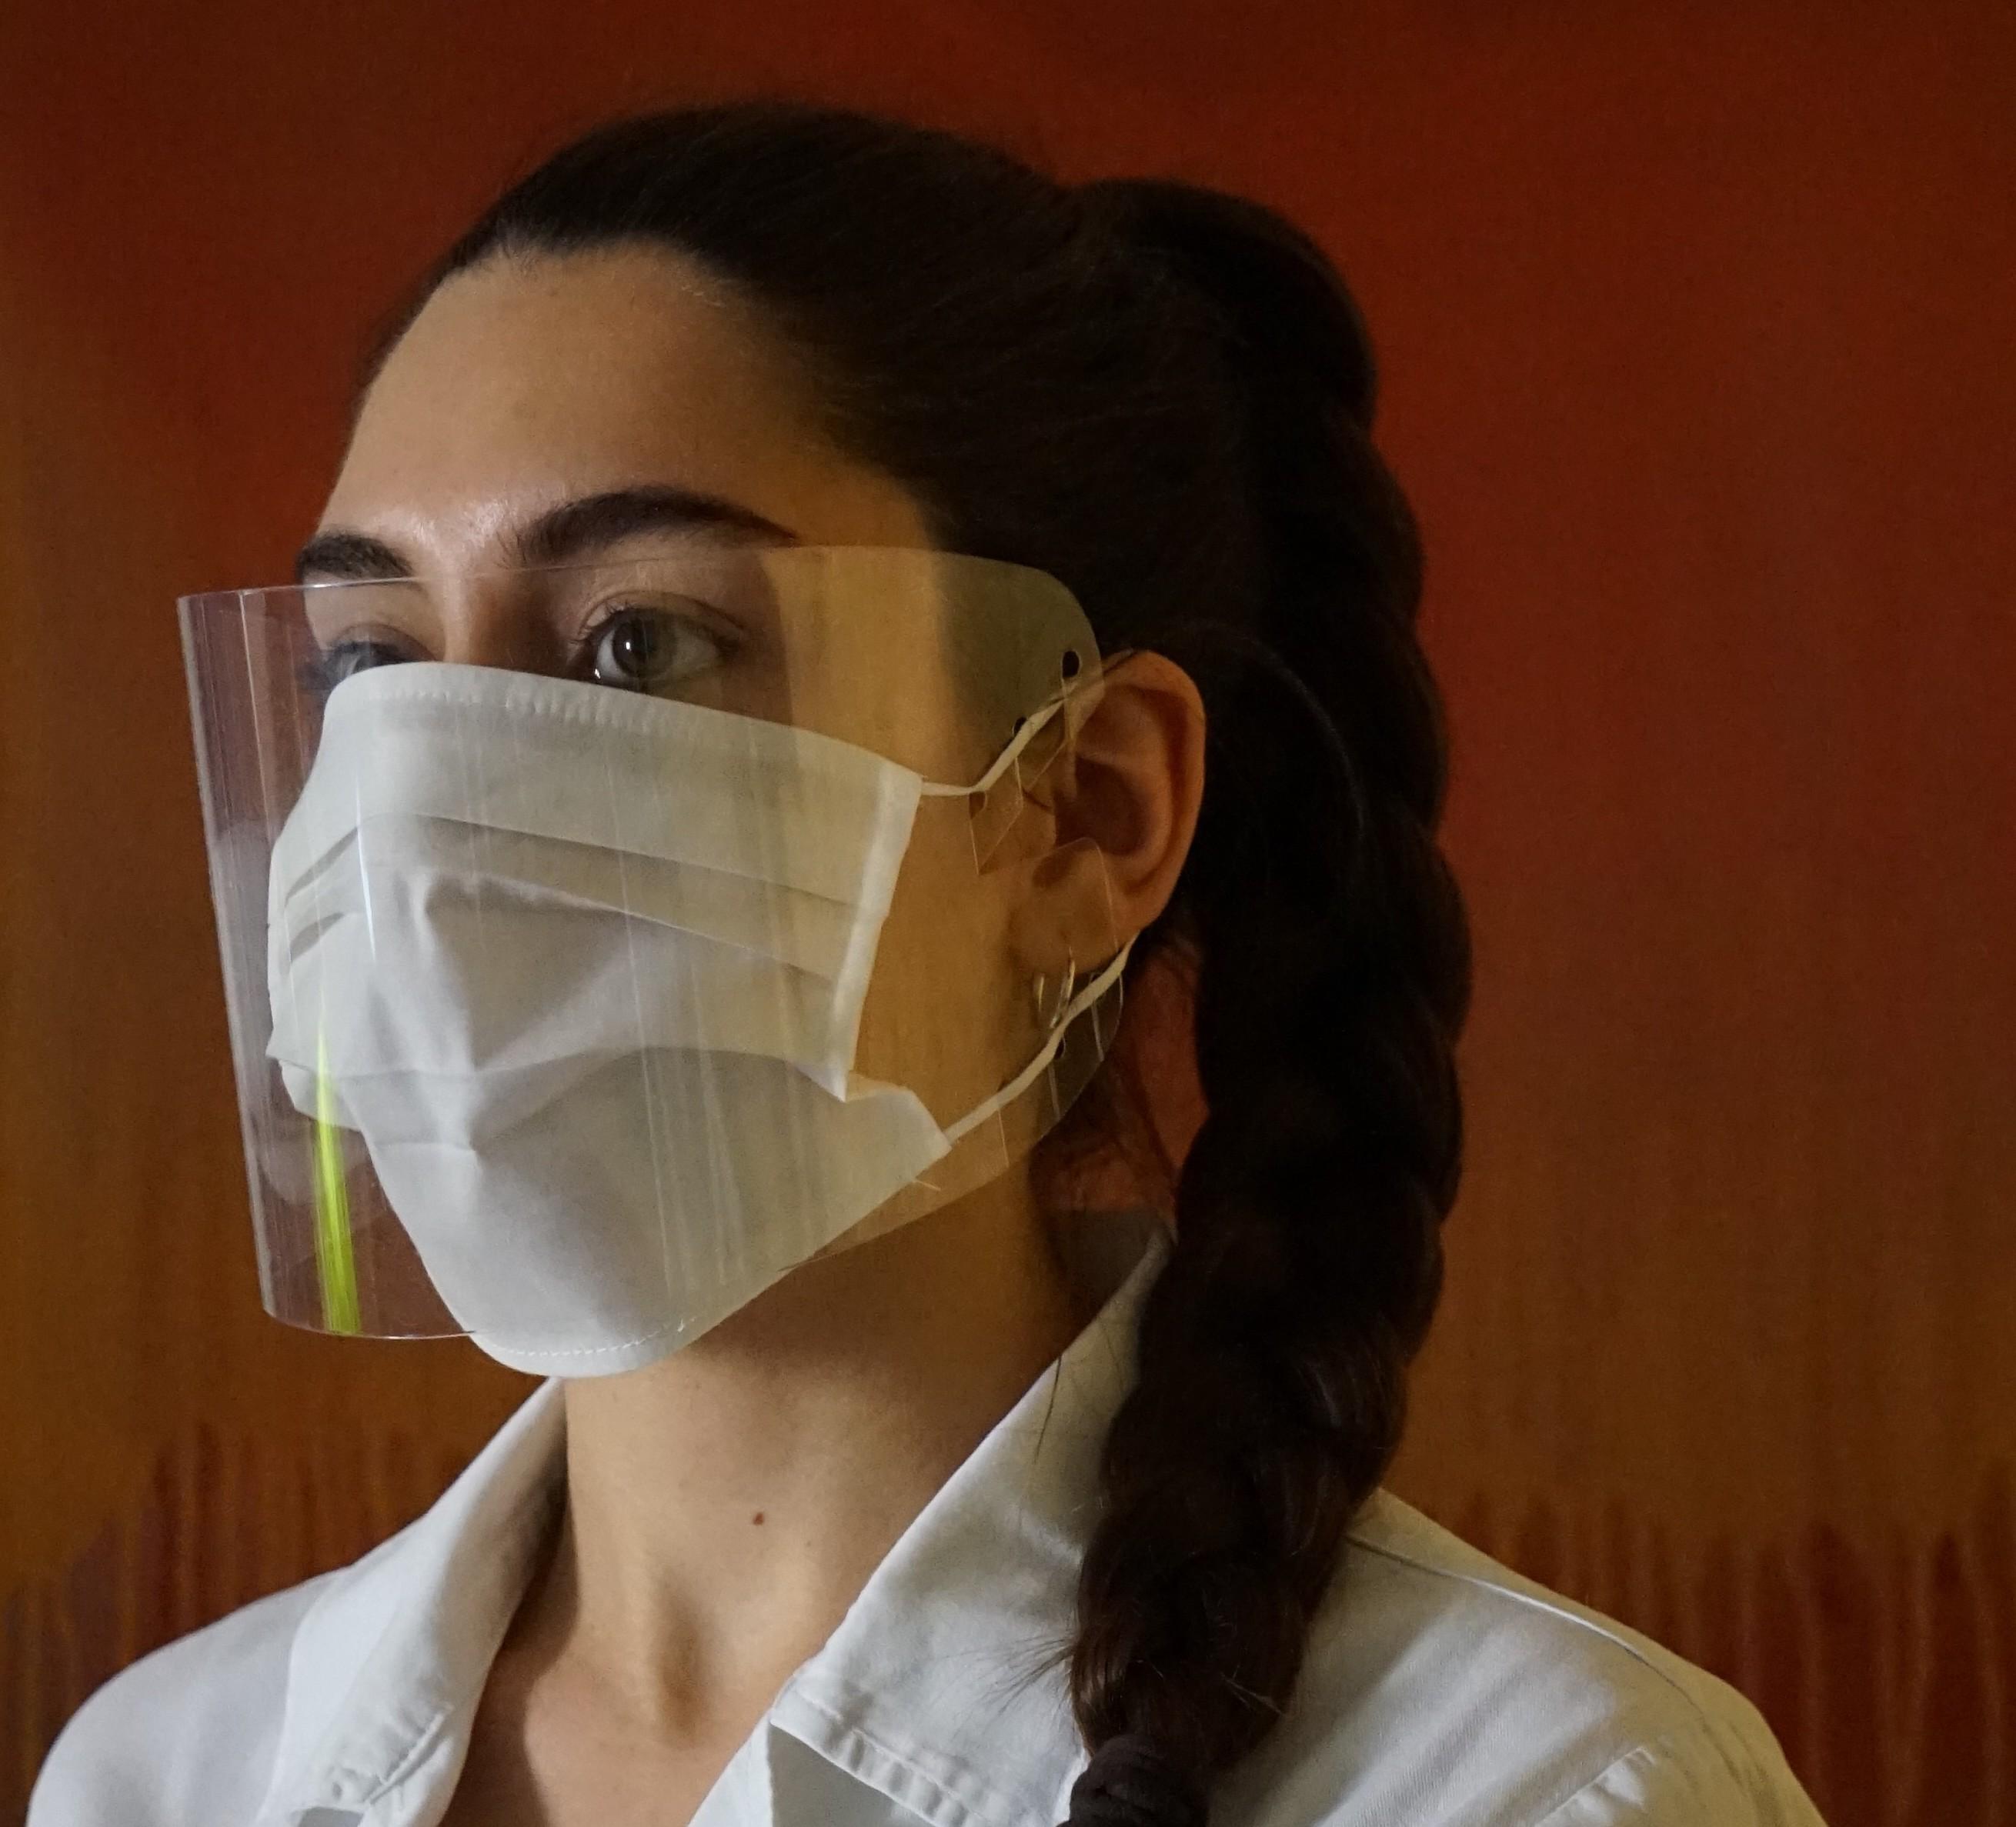 Le mascherine cooperative: l'intervista a Gianluca Verasani per conoscere da vicino il progetto di produzione promosso da Legacoop